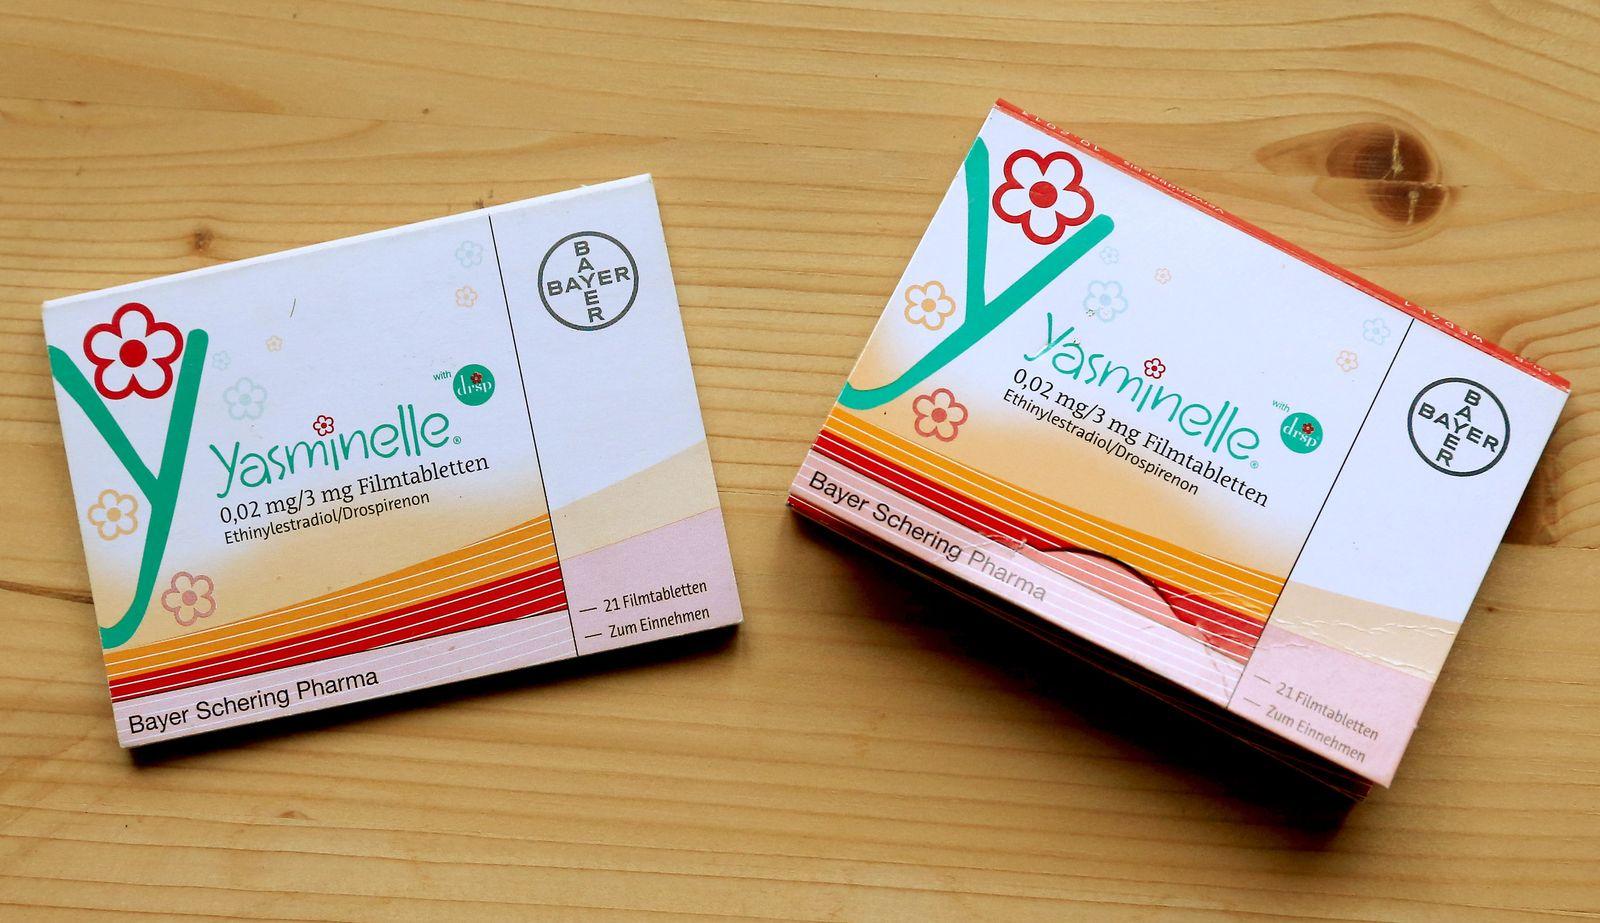 Klage gegen Bayer Pille Yasminelle